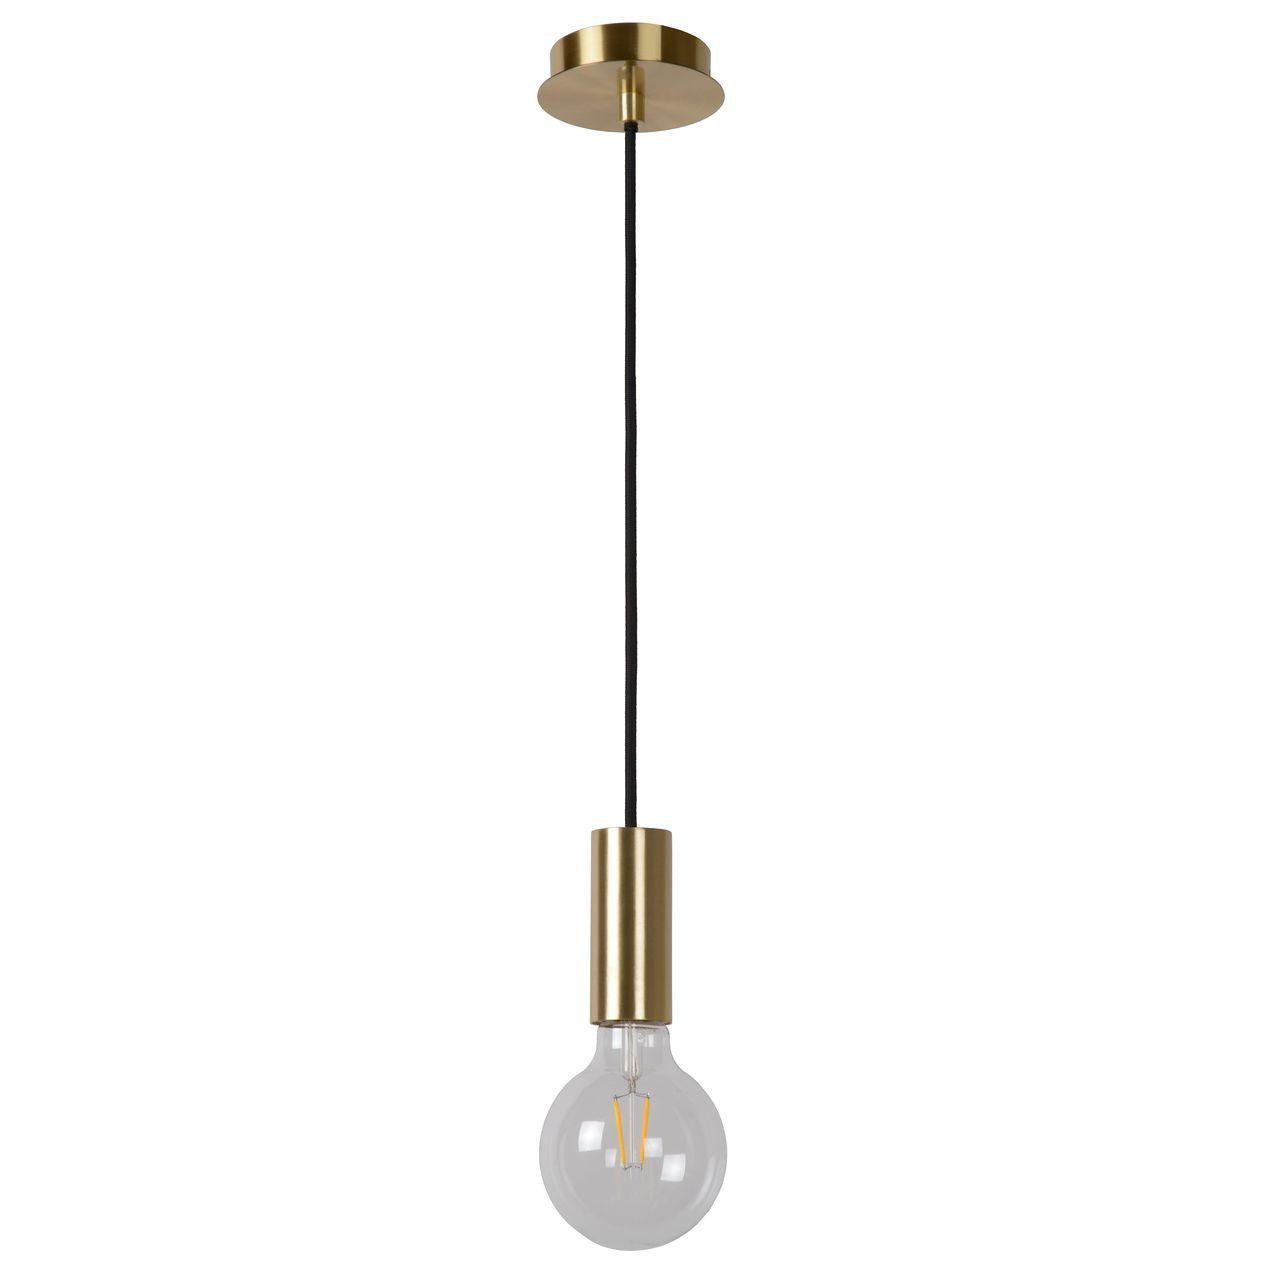 Подвесной светильник Lucide Droopy30490/01/02 соединитель gf 5429